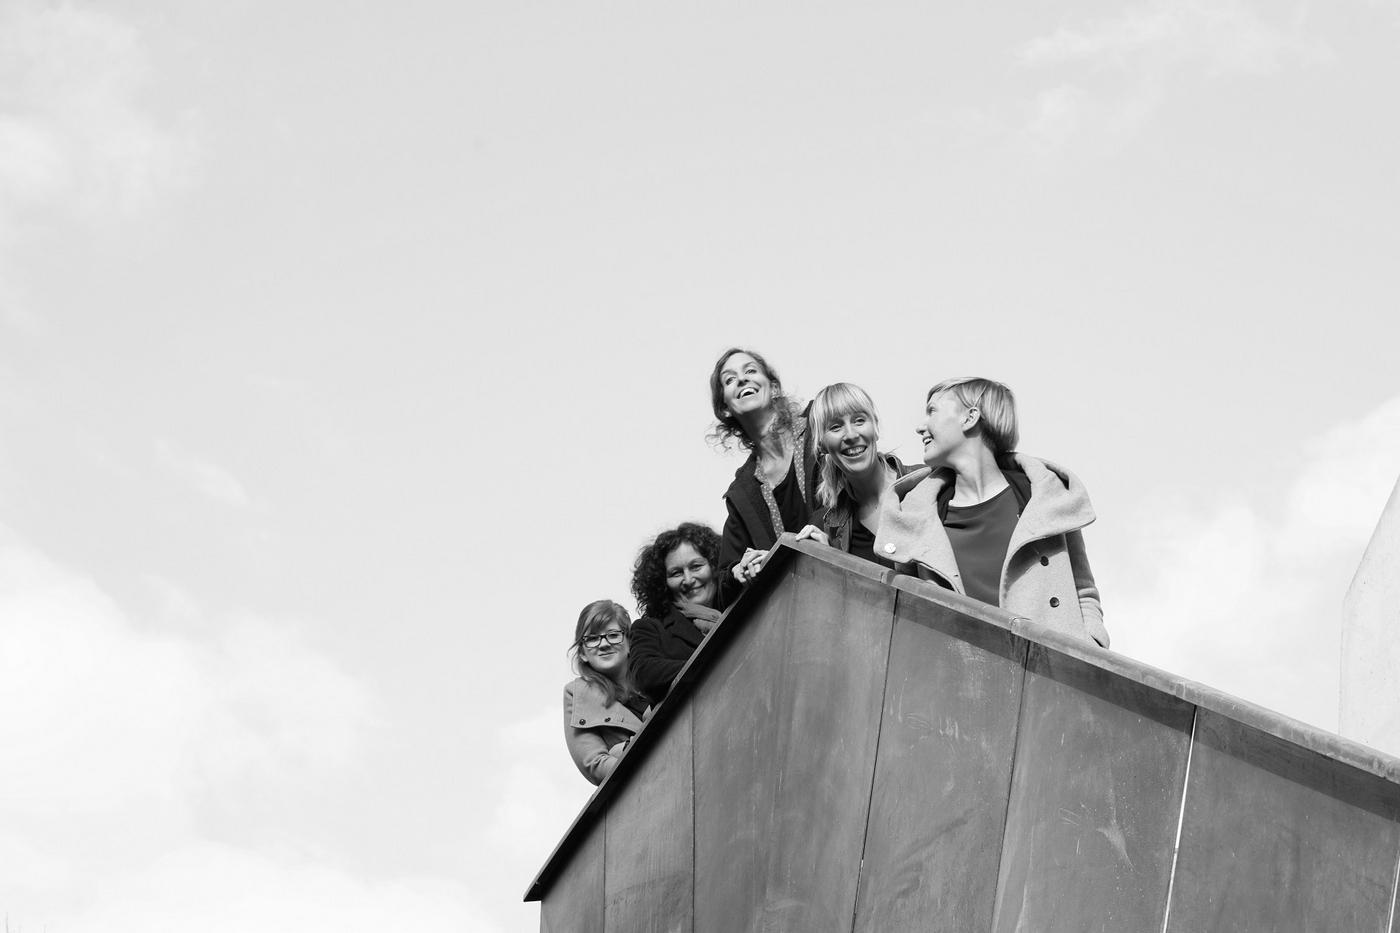 Team der KUVA, an einem Eck eines Flachdaches stehend, Hintergrund Himmel mit Wolken